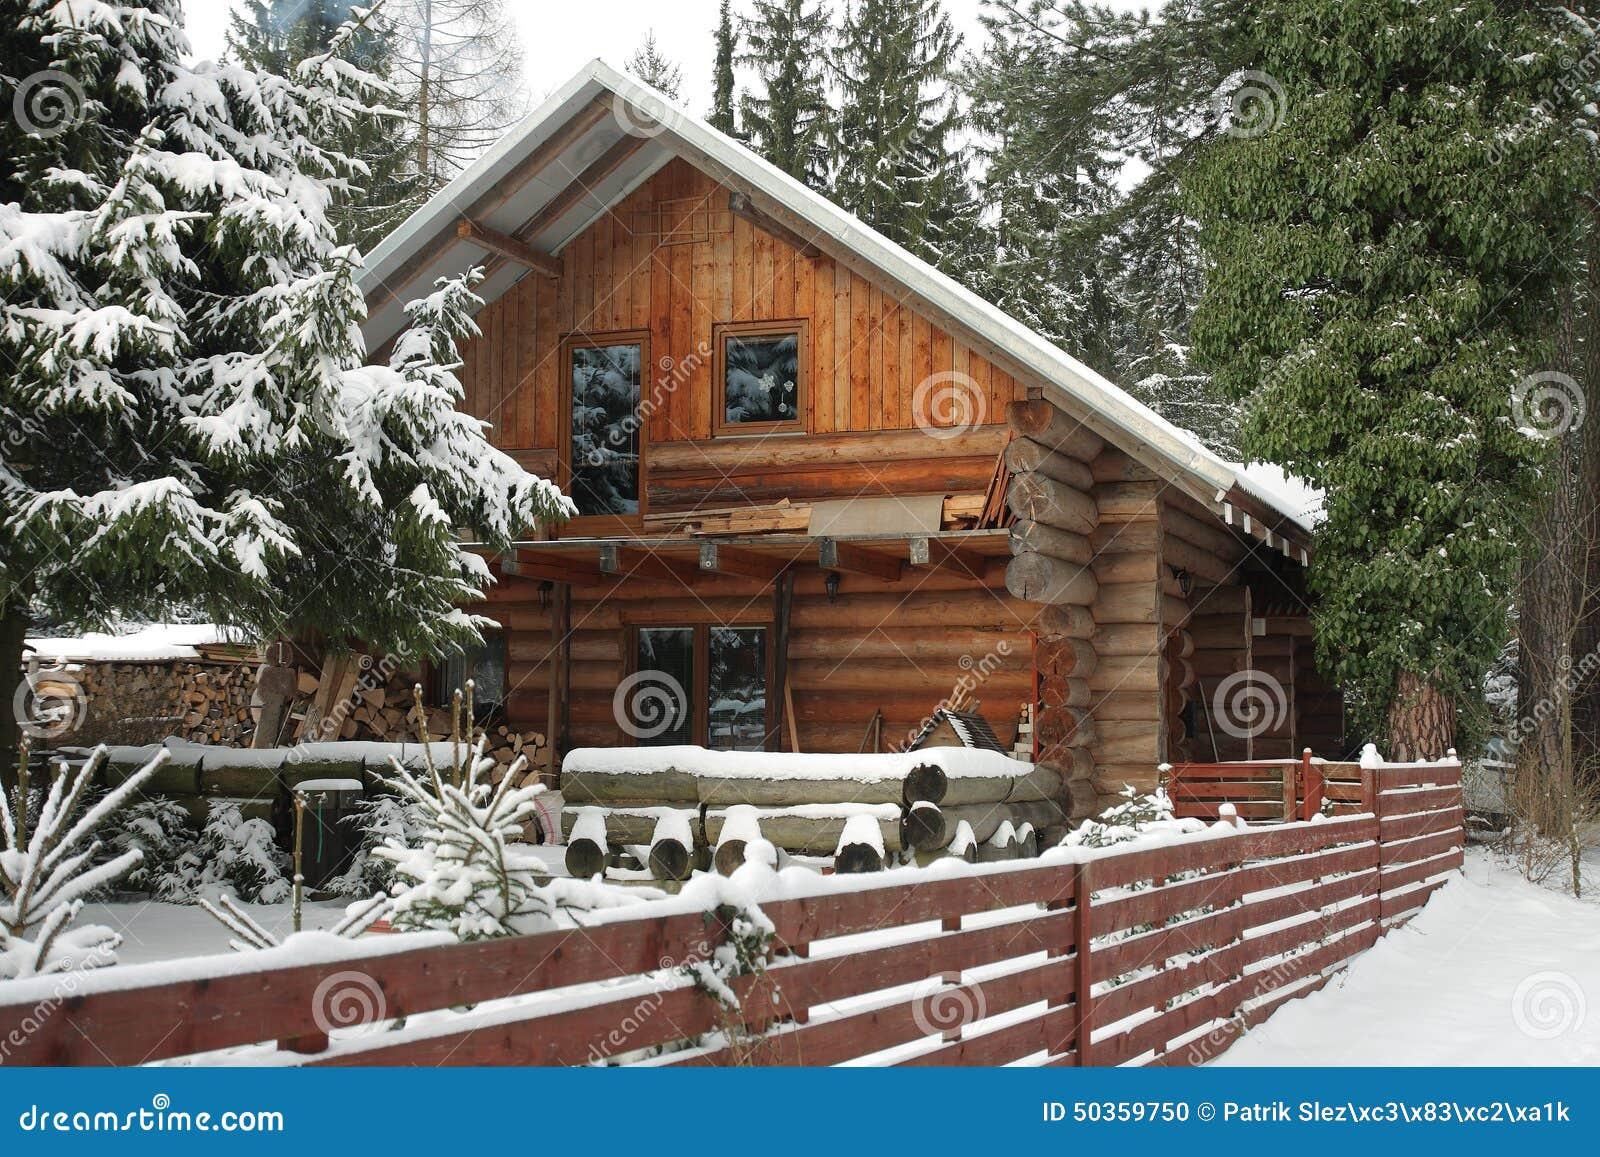 Caba a de madera en bosque en invierno foto de archivo imagen 50359750 - Cabana invierno ...